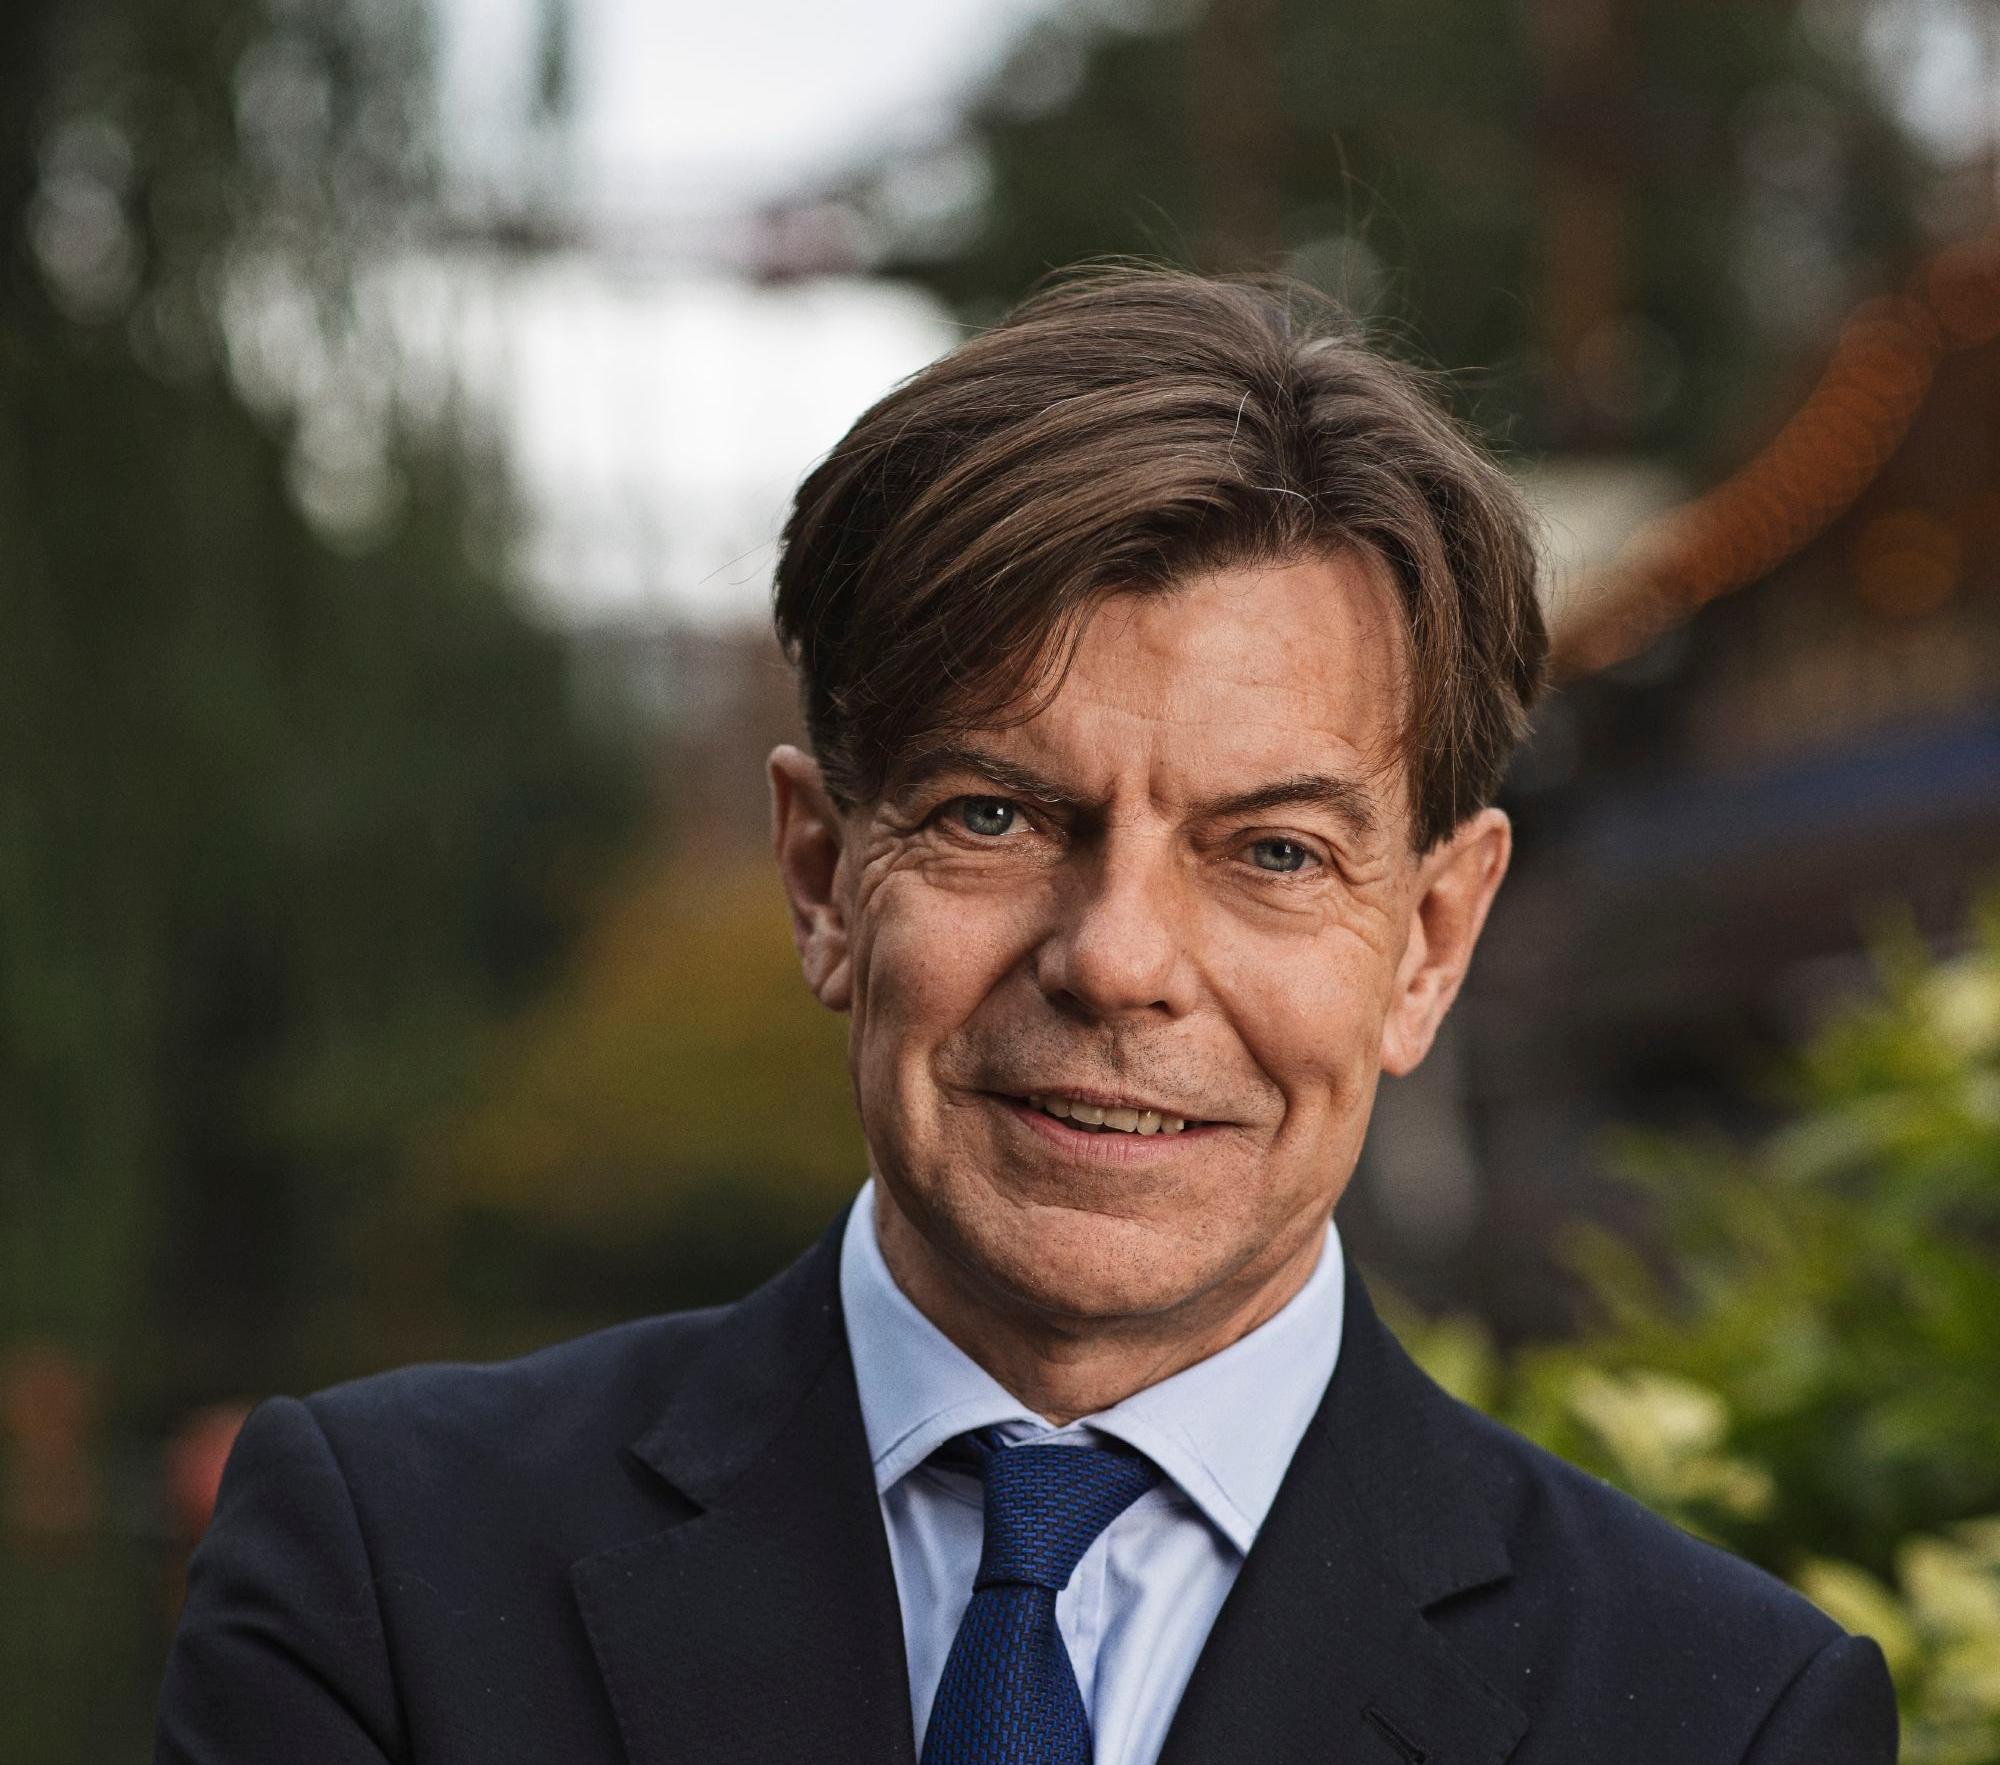 Lars Liebst stopper næste år som administrerende direktør for Tivoli. Foto: Tivoli.